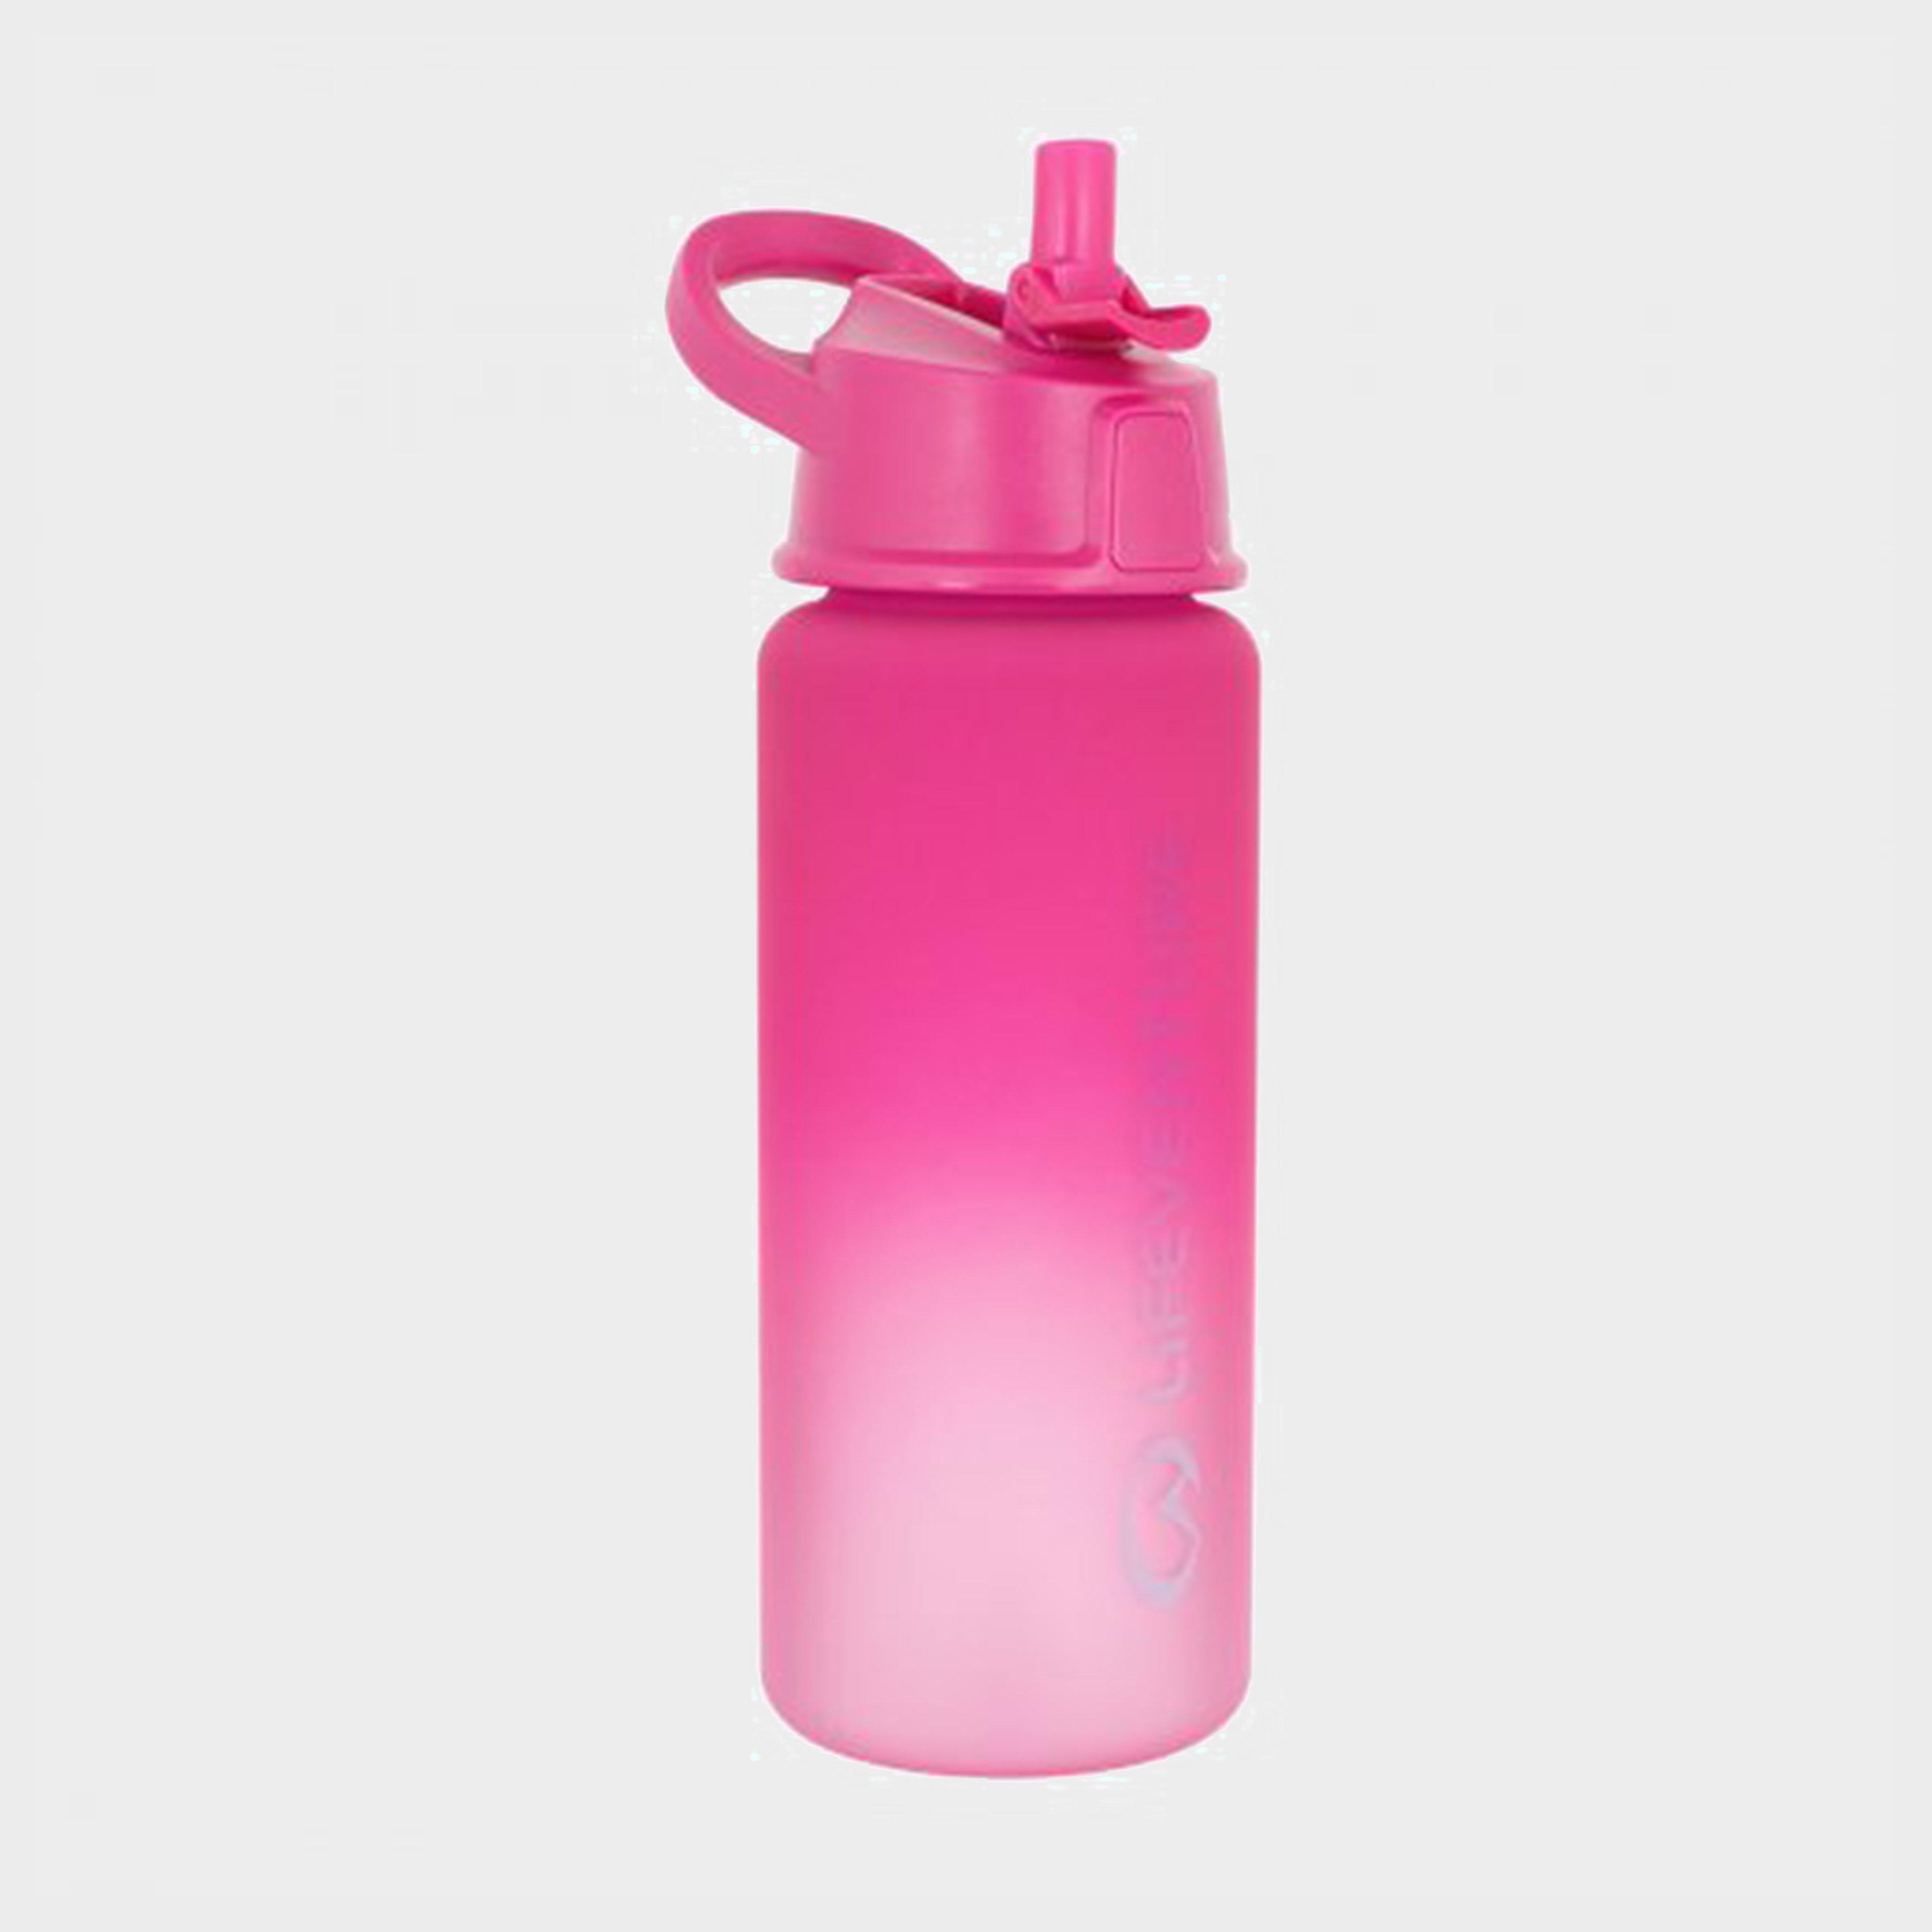 Lifeventure Lifeventure Flip Top Bottle - Pink, Pink